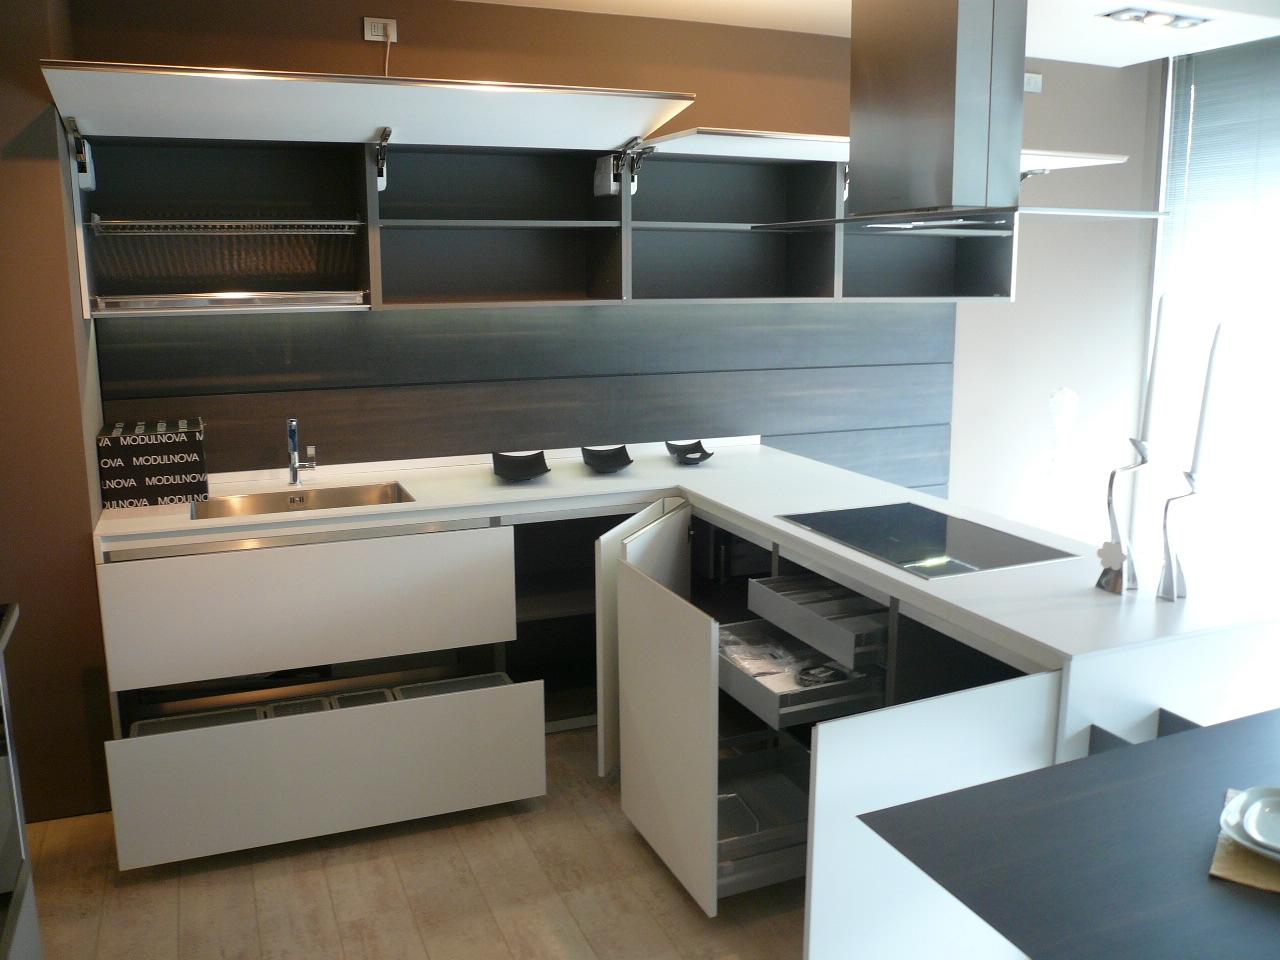 Cucina modulnova light design laccato opaco bianca cucine a prezzi scontati - Modulnova cucine prezzi ...